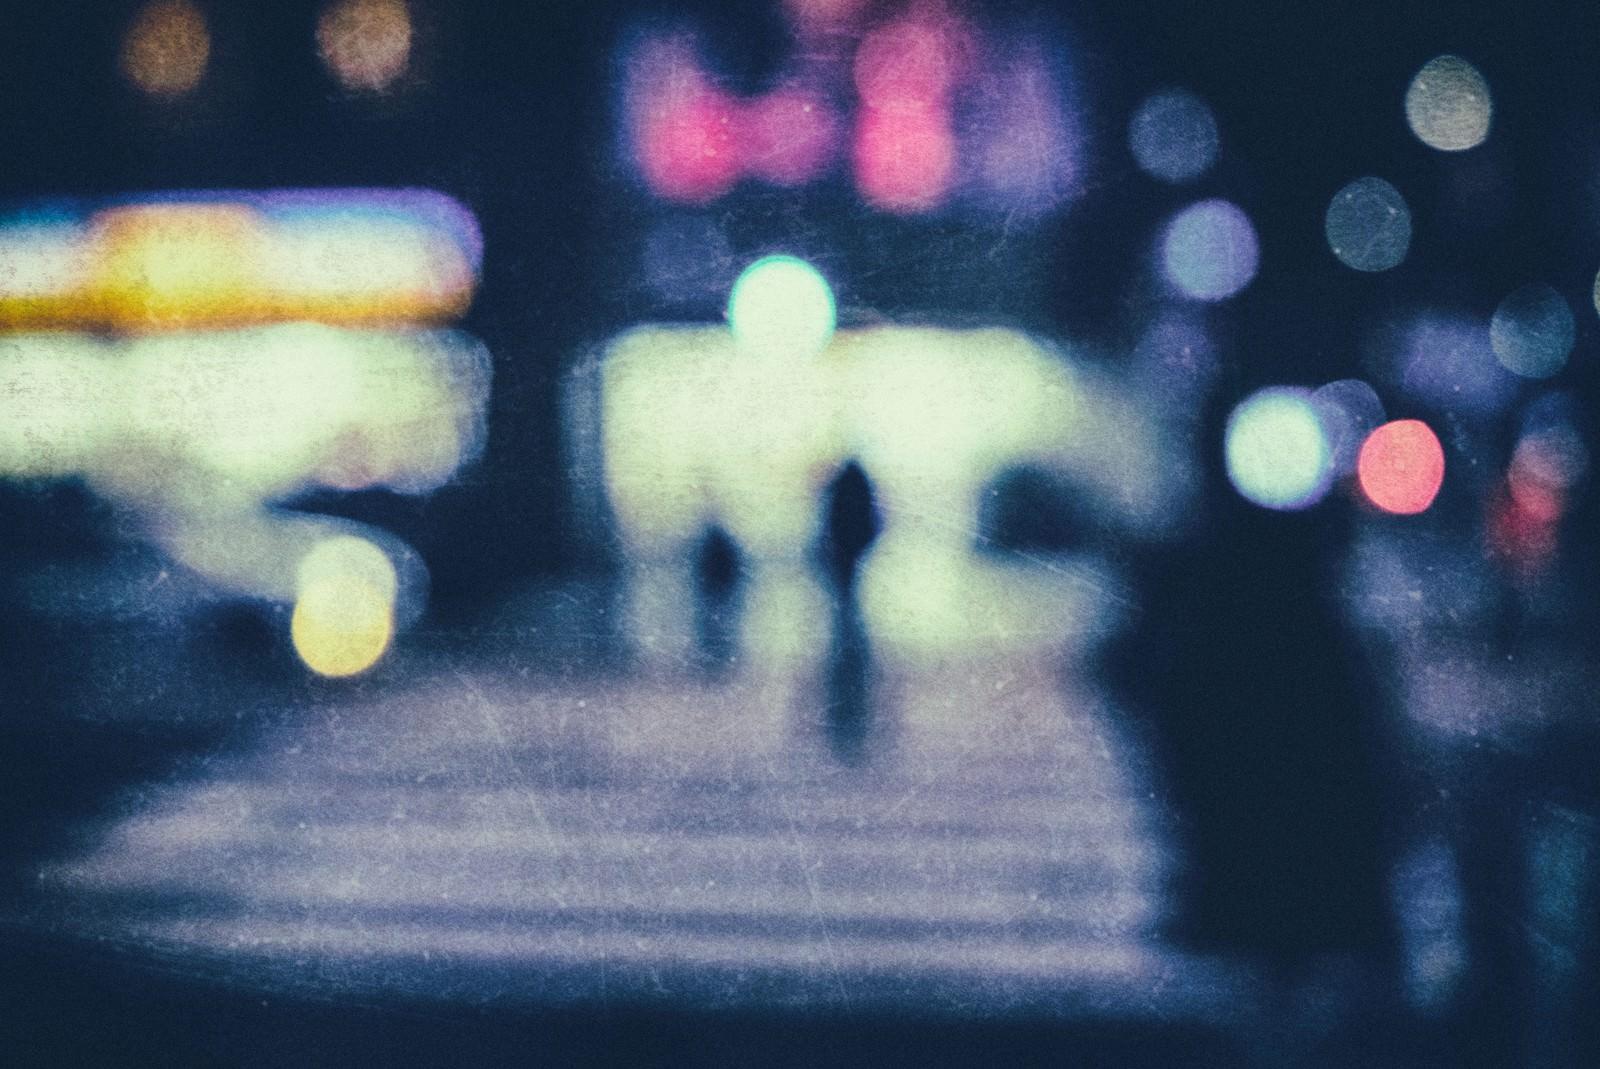 「夜間のコンビニ前の横断歩道(ぼかし)」の写真